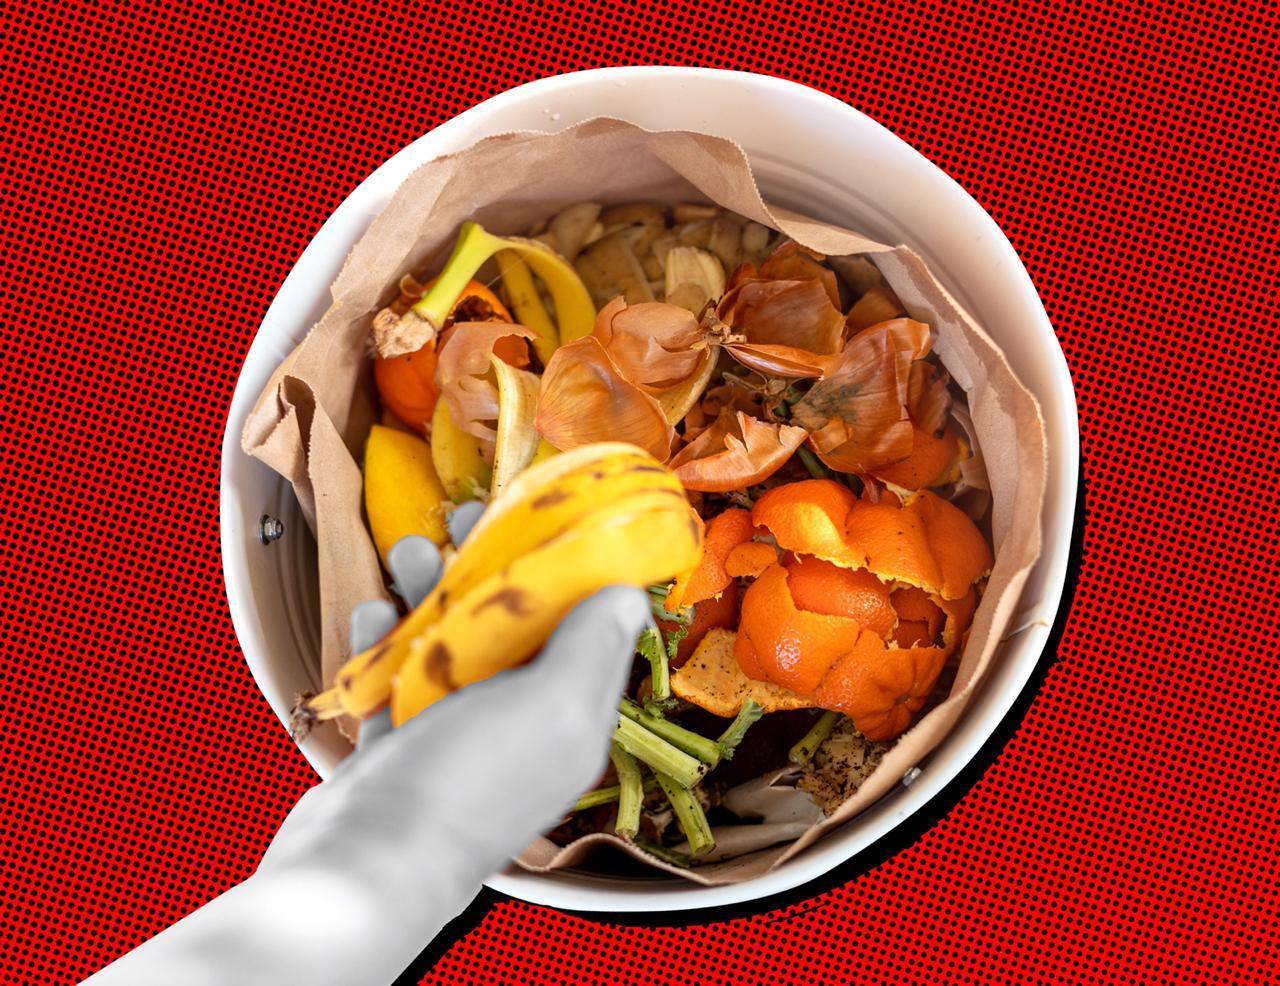 Cara Mengurangi Jumlah Sampah Organik dari Sisa Sayur dan Buah - Amild.id